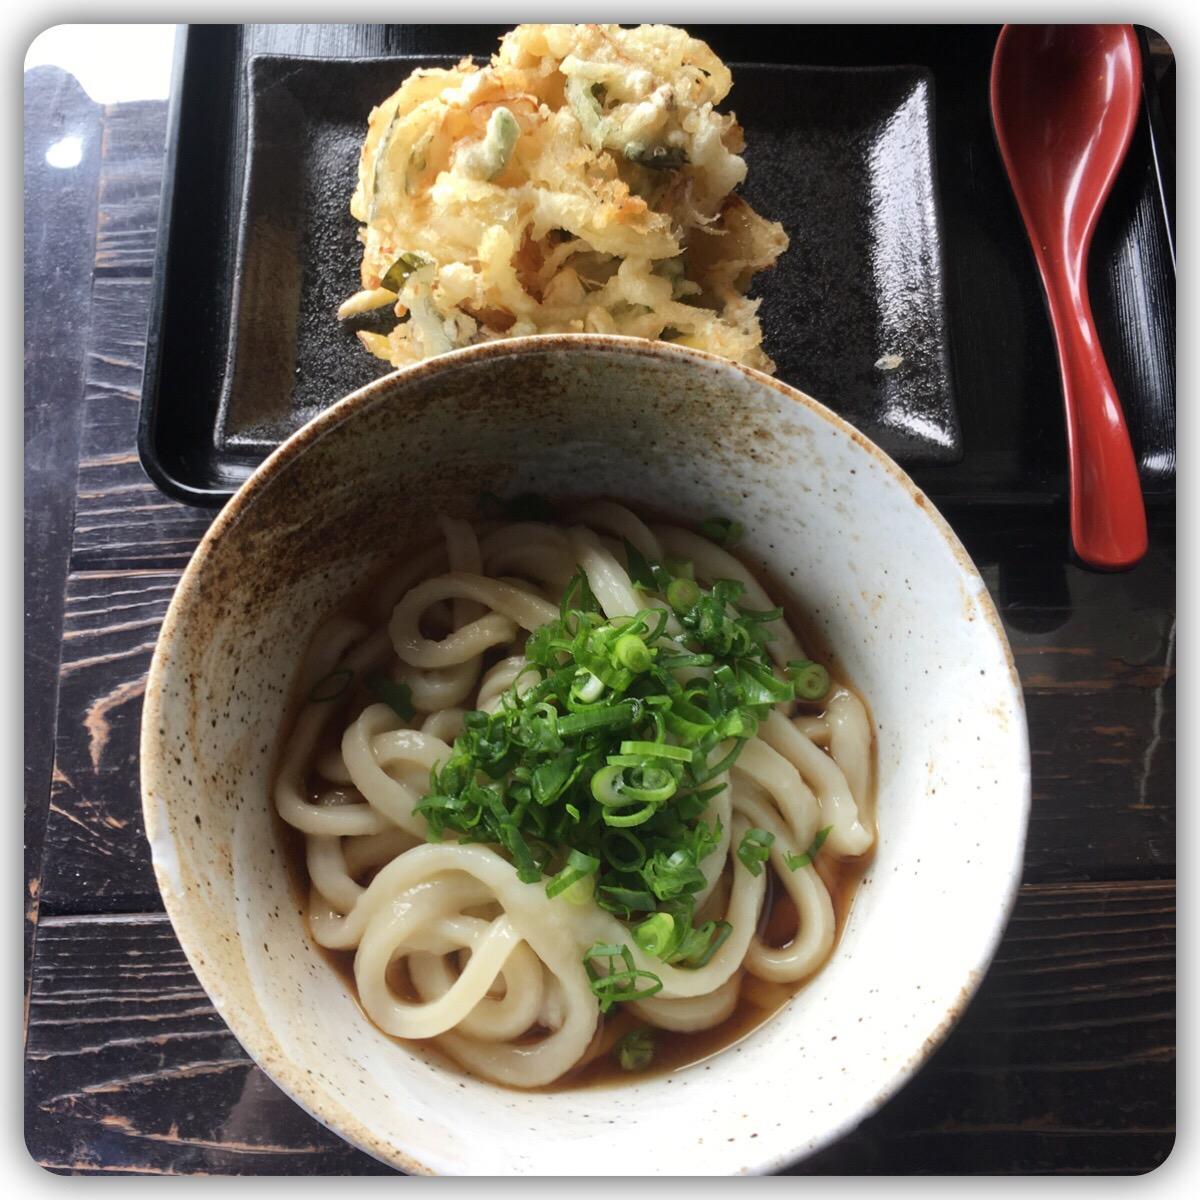 ぶっかけうどん 野菜のかきあげ天ぷら